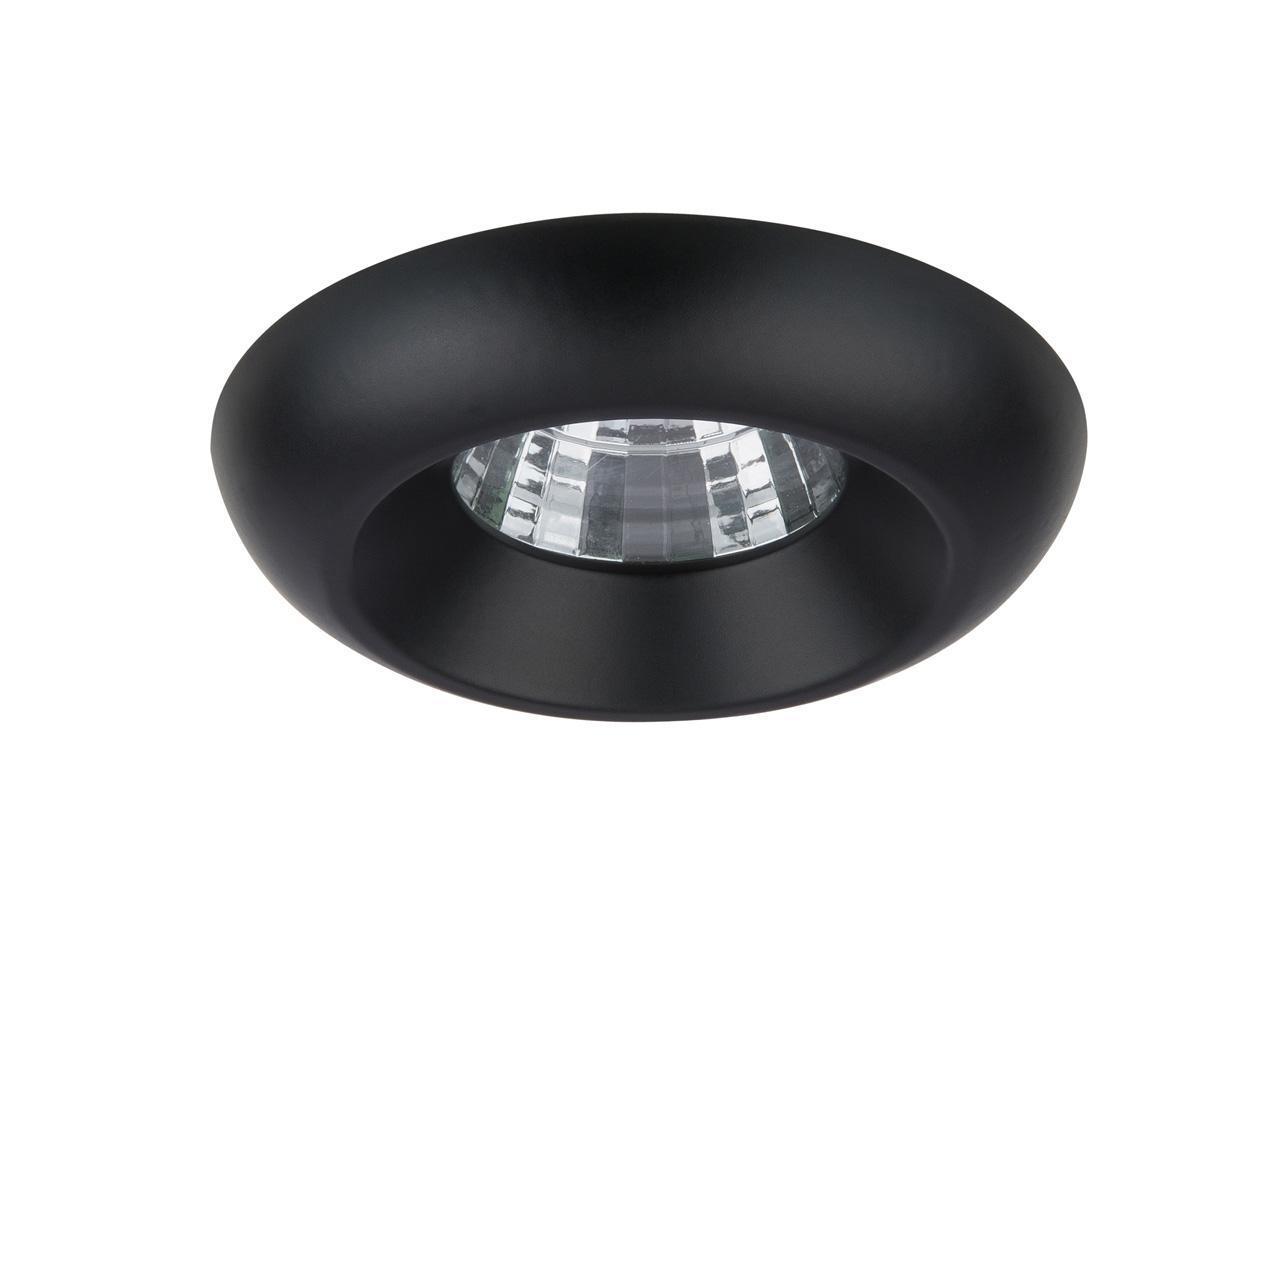 Встраиваемый светильник Lightstar Monde LED 071157 встраиваемый светильник lightstar monde led black 071157